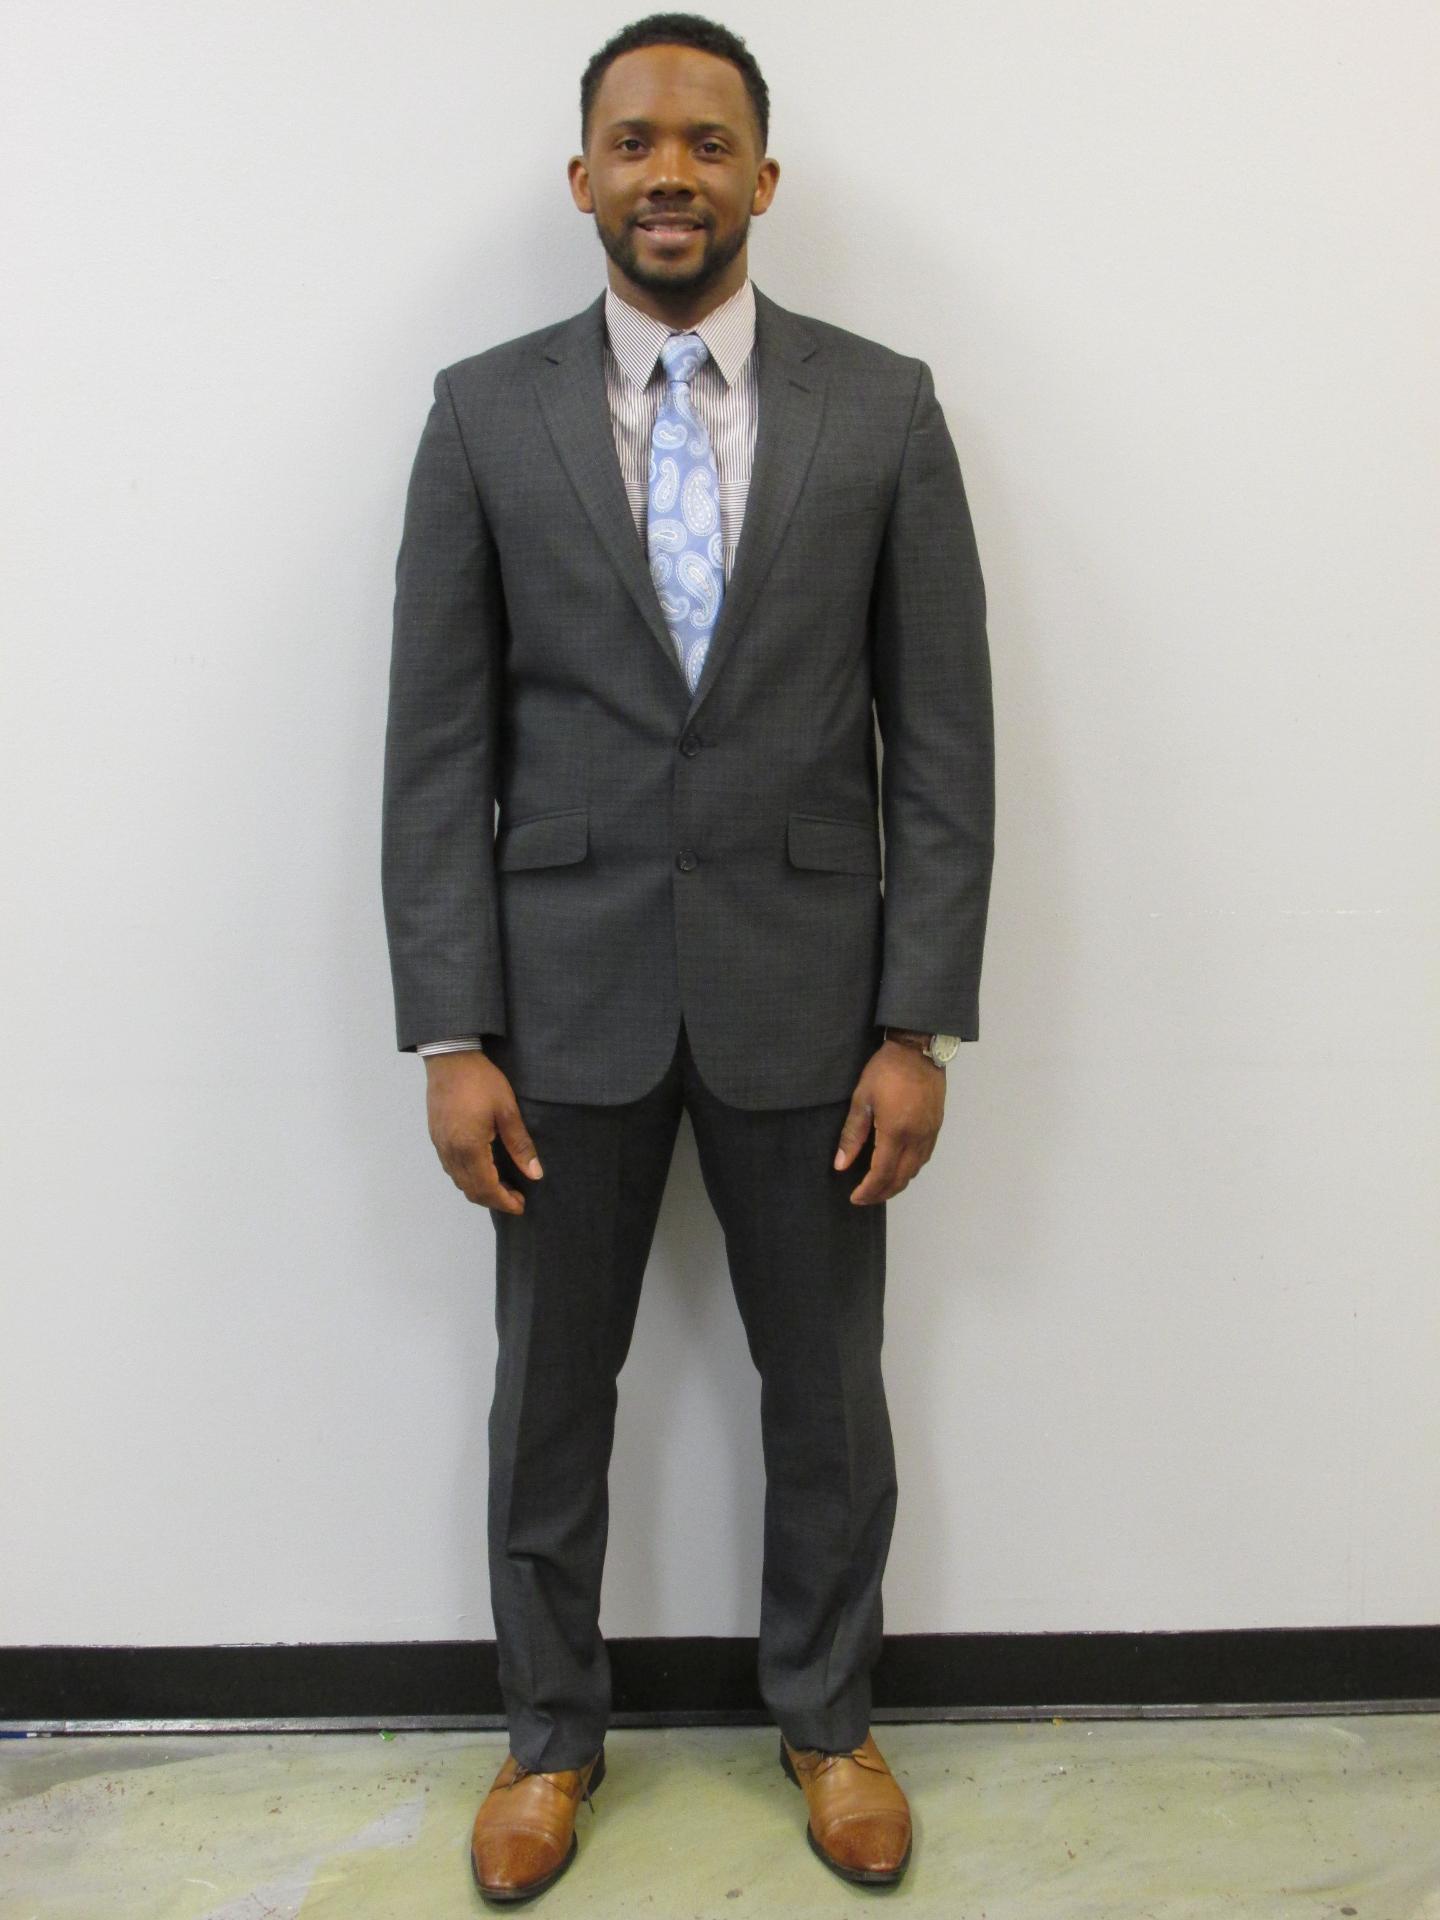 Jr. Pastor Darion Brown